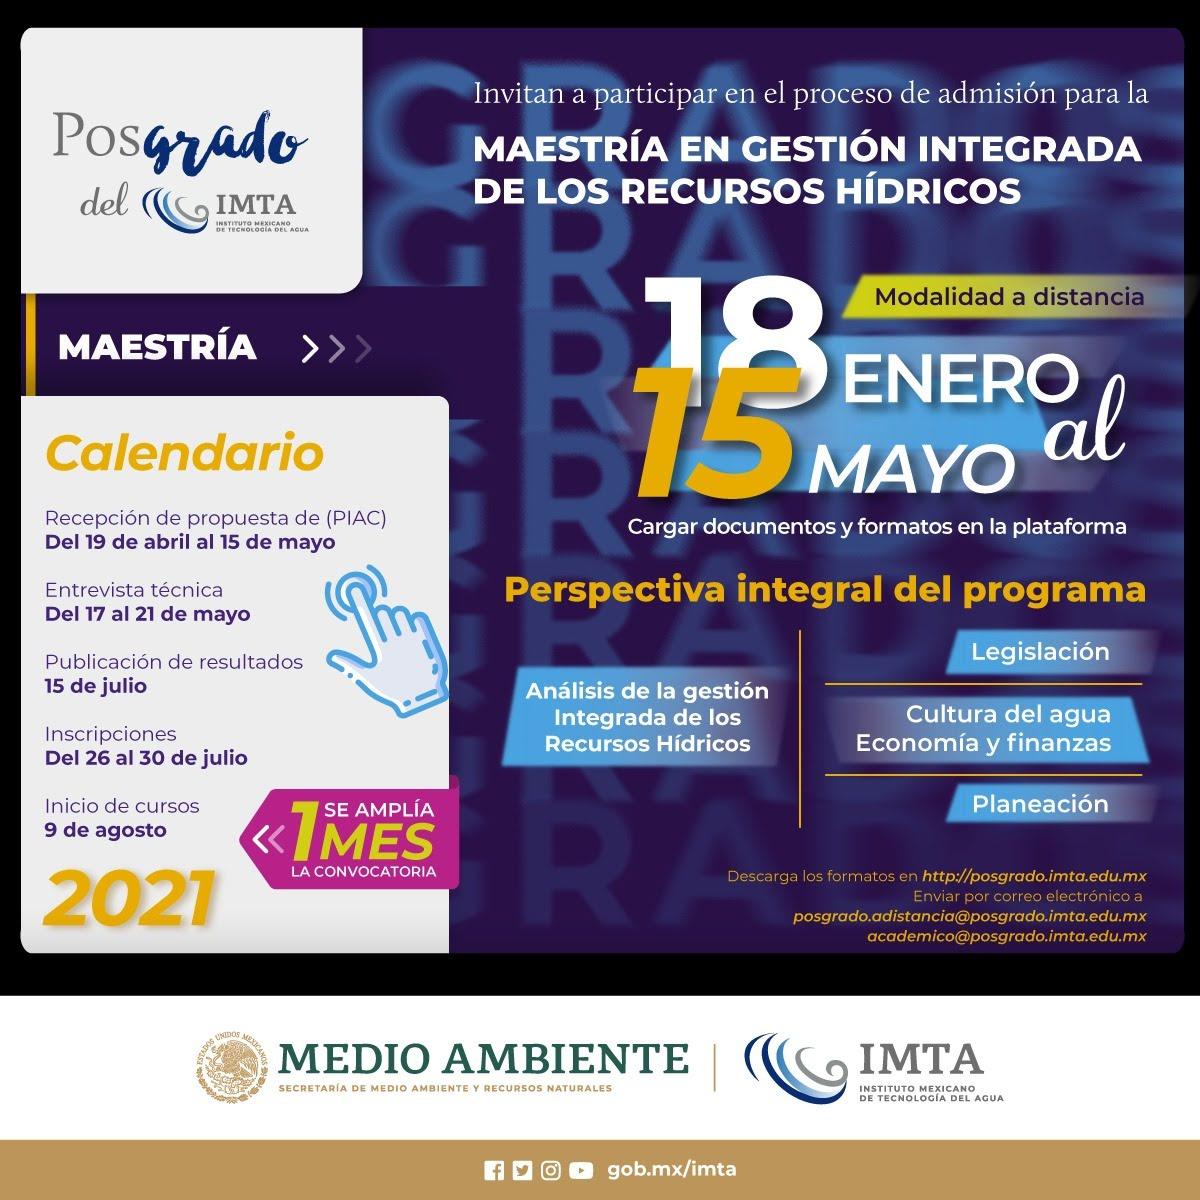 Extensión de plazo de admisión para Maestría en Gestión Integrada de los Recursos Hídricos